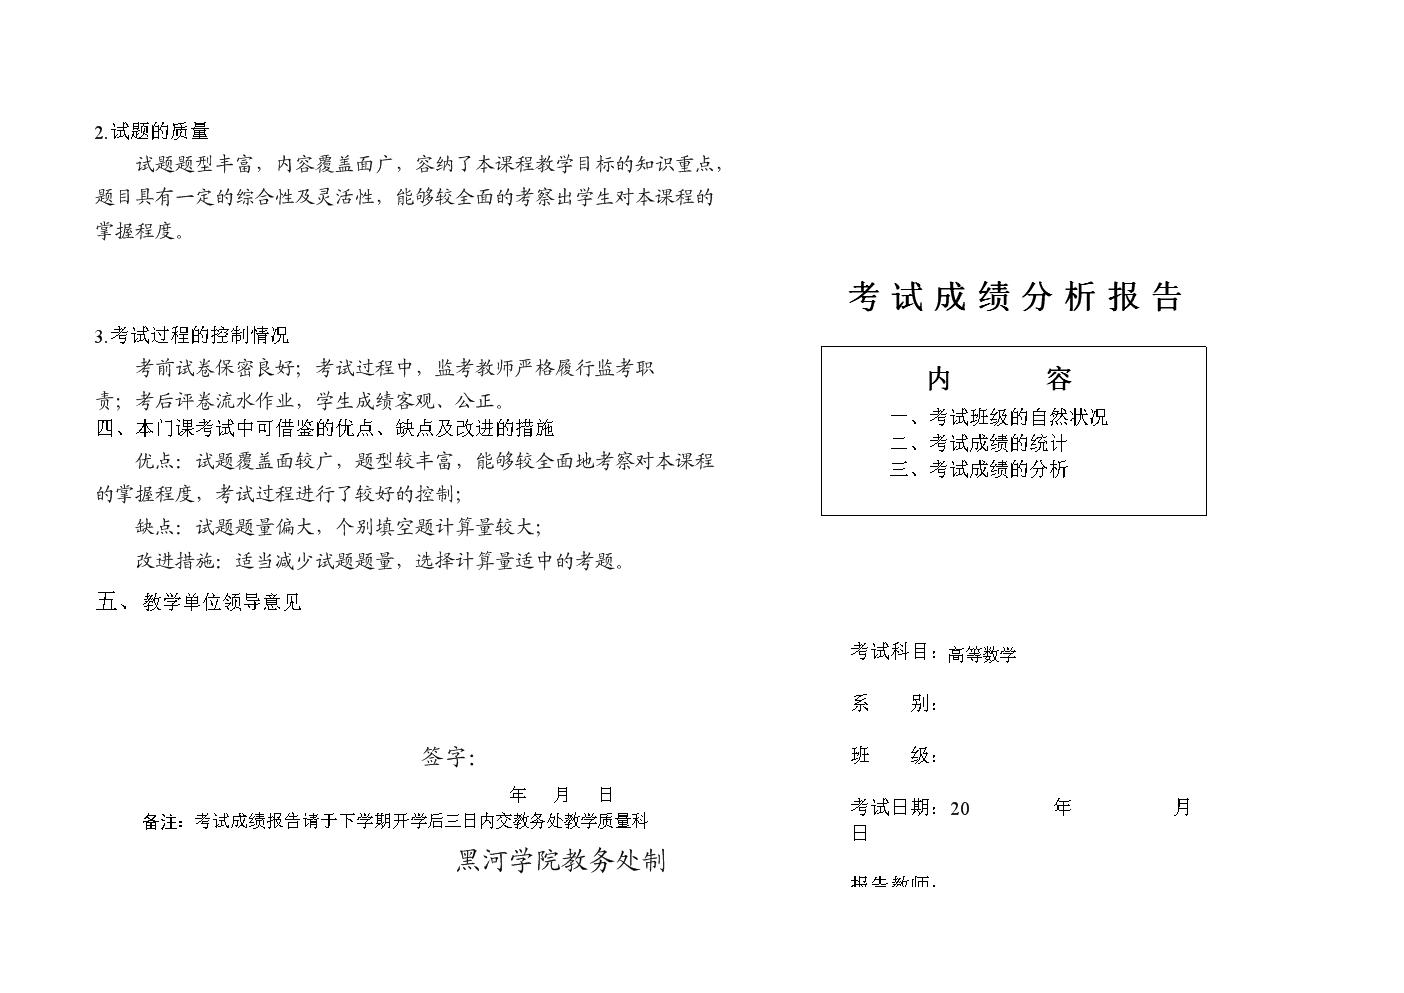 高等数学考试成绩分析报告.doc